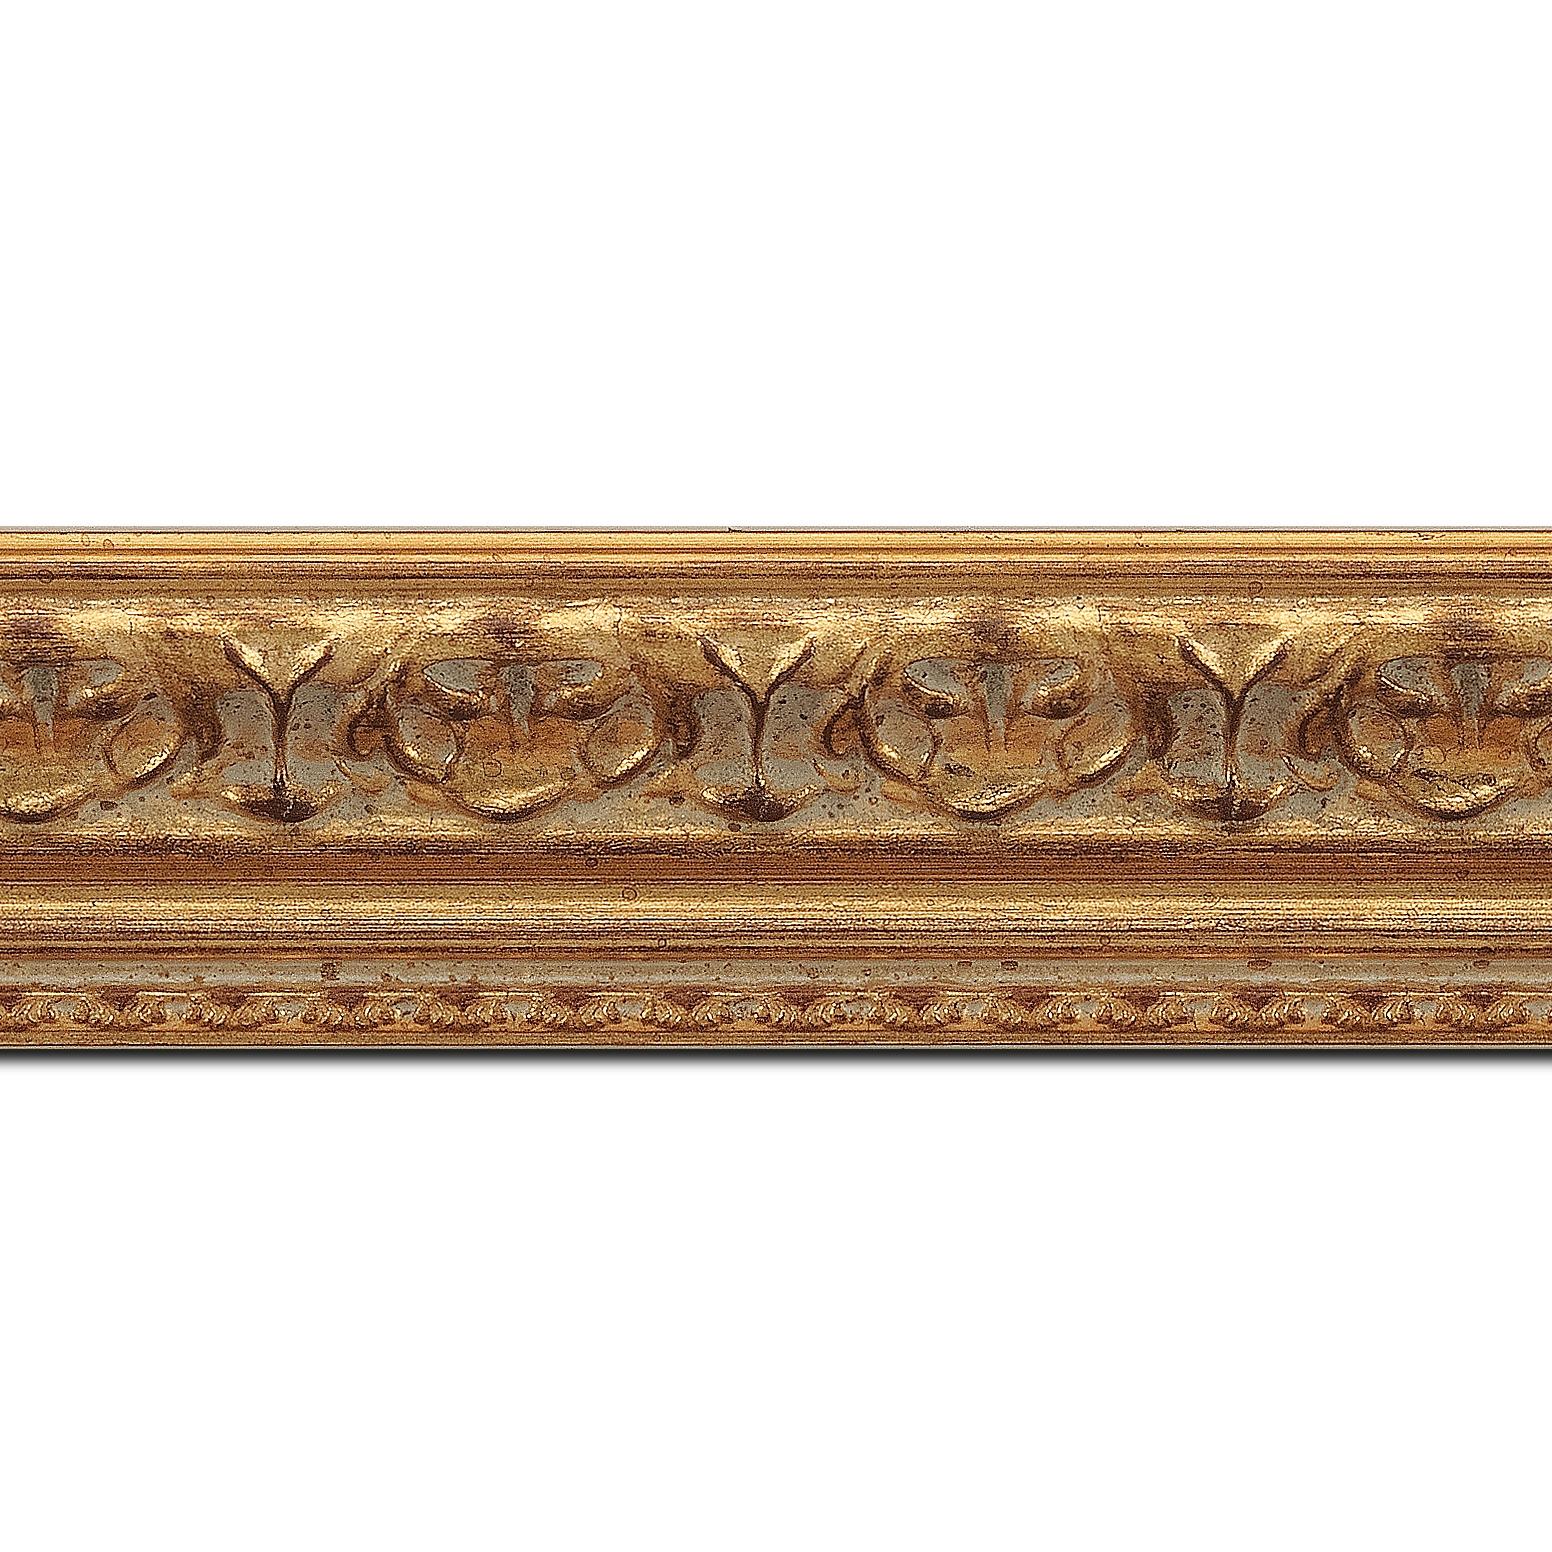 Baguette longueur 1.40m bois profil incurvé largeur 5.1cm or antique à la feuille style